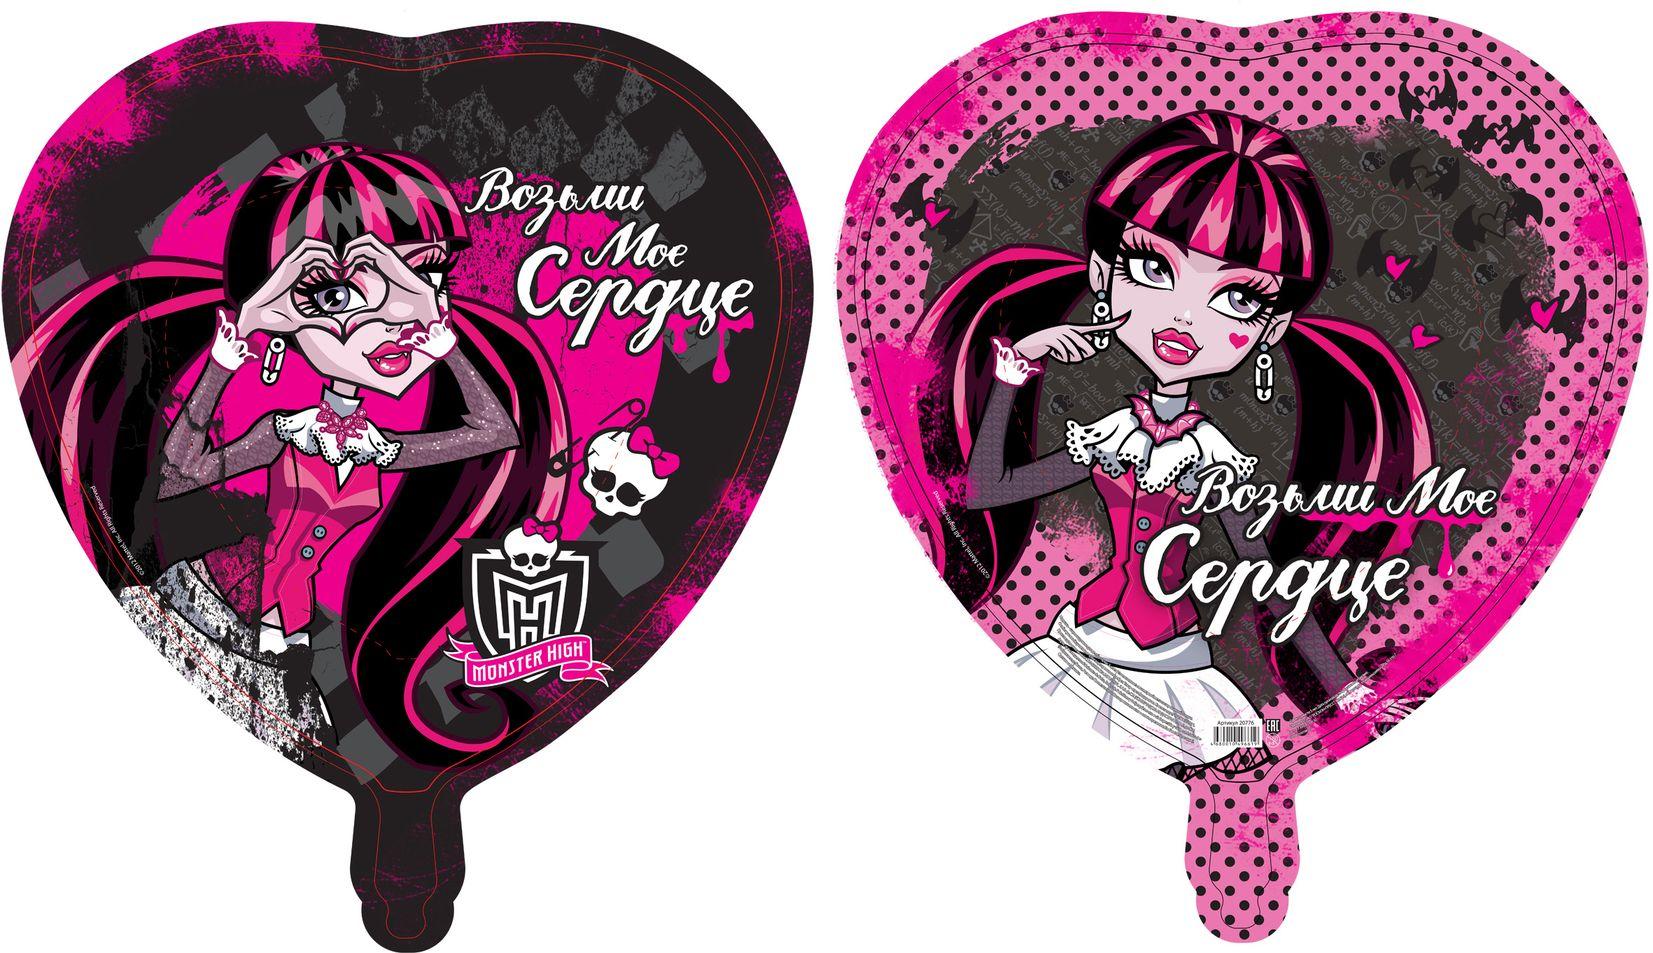 Шар фольгированный сердце - Возьми мое сердце, Monster High, 46 см.Воздушные шары<br>Шар фольгированный сердце - Возьми мое сердце, Monster High, 46 см.<br>